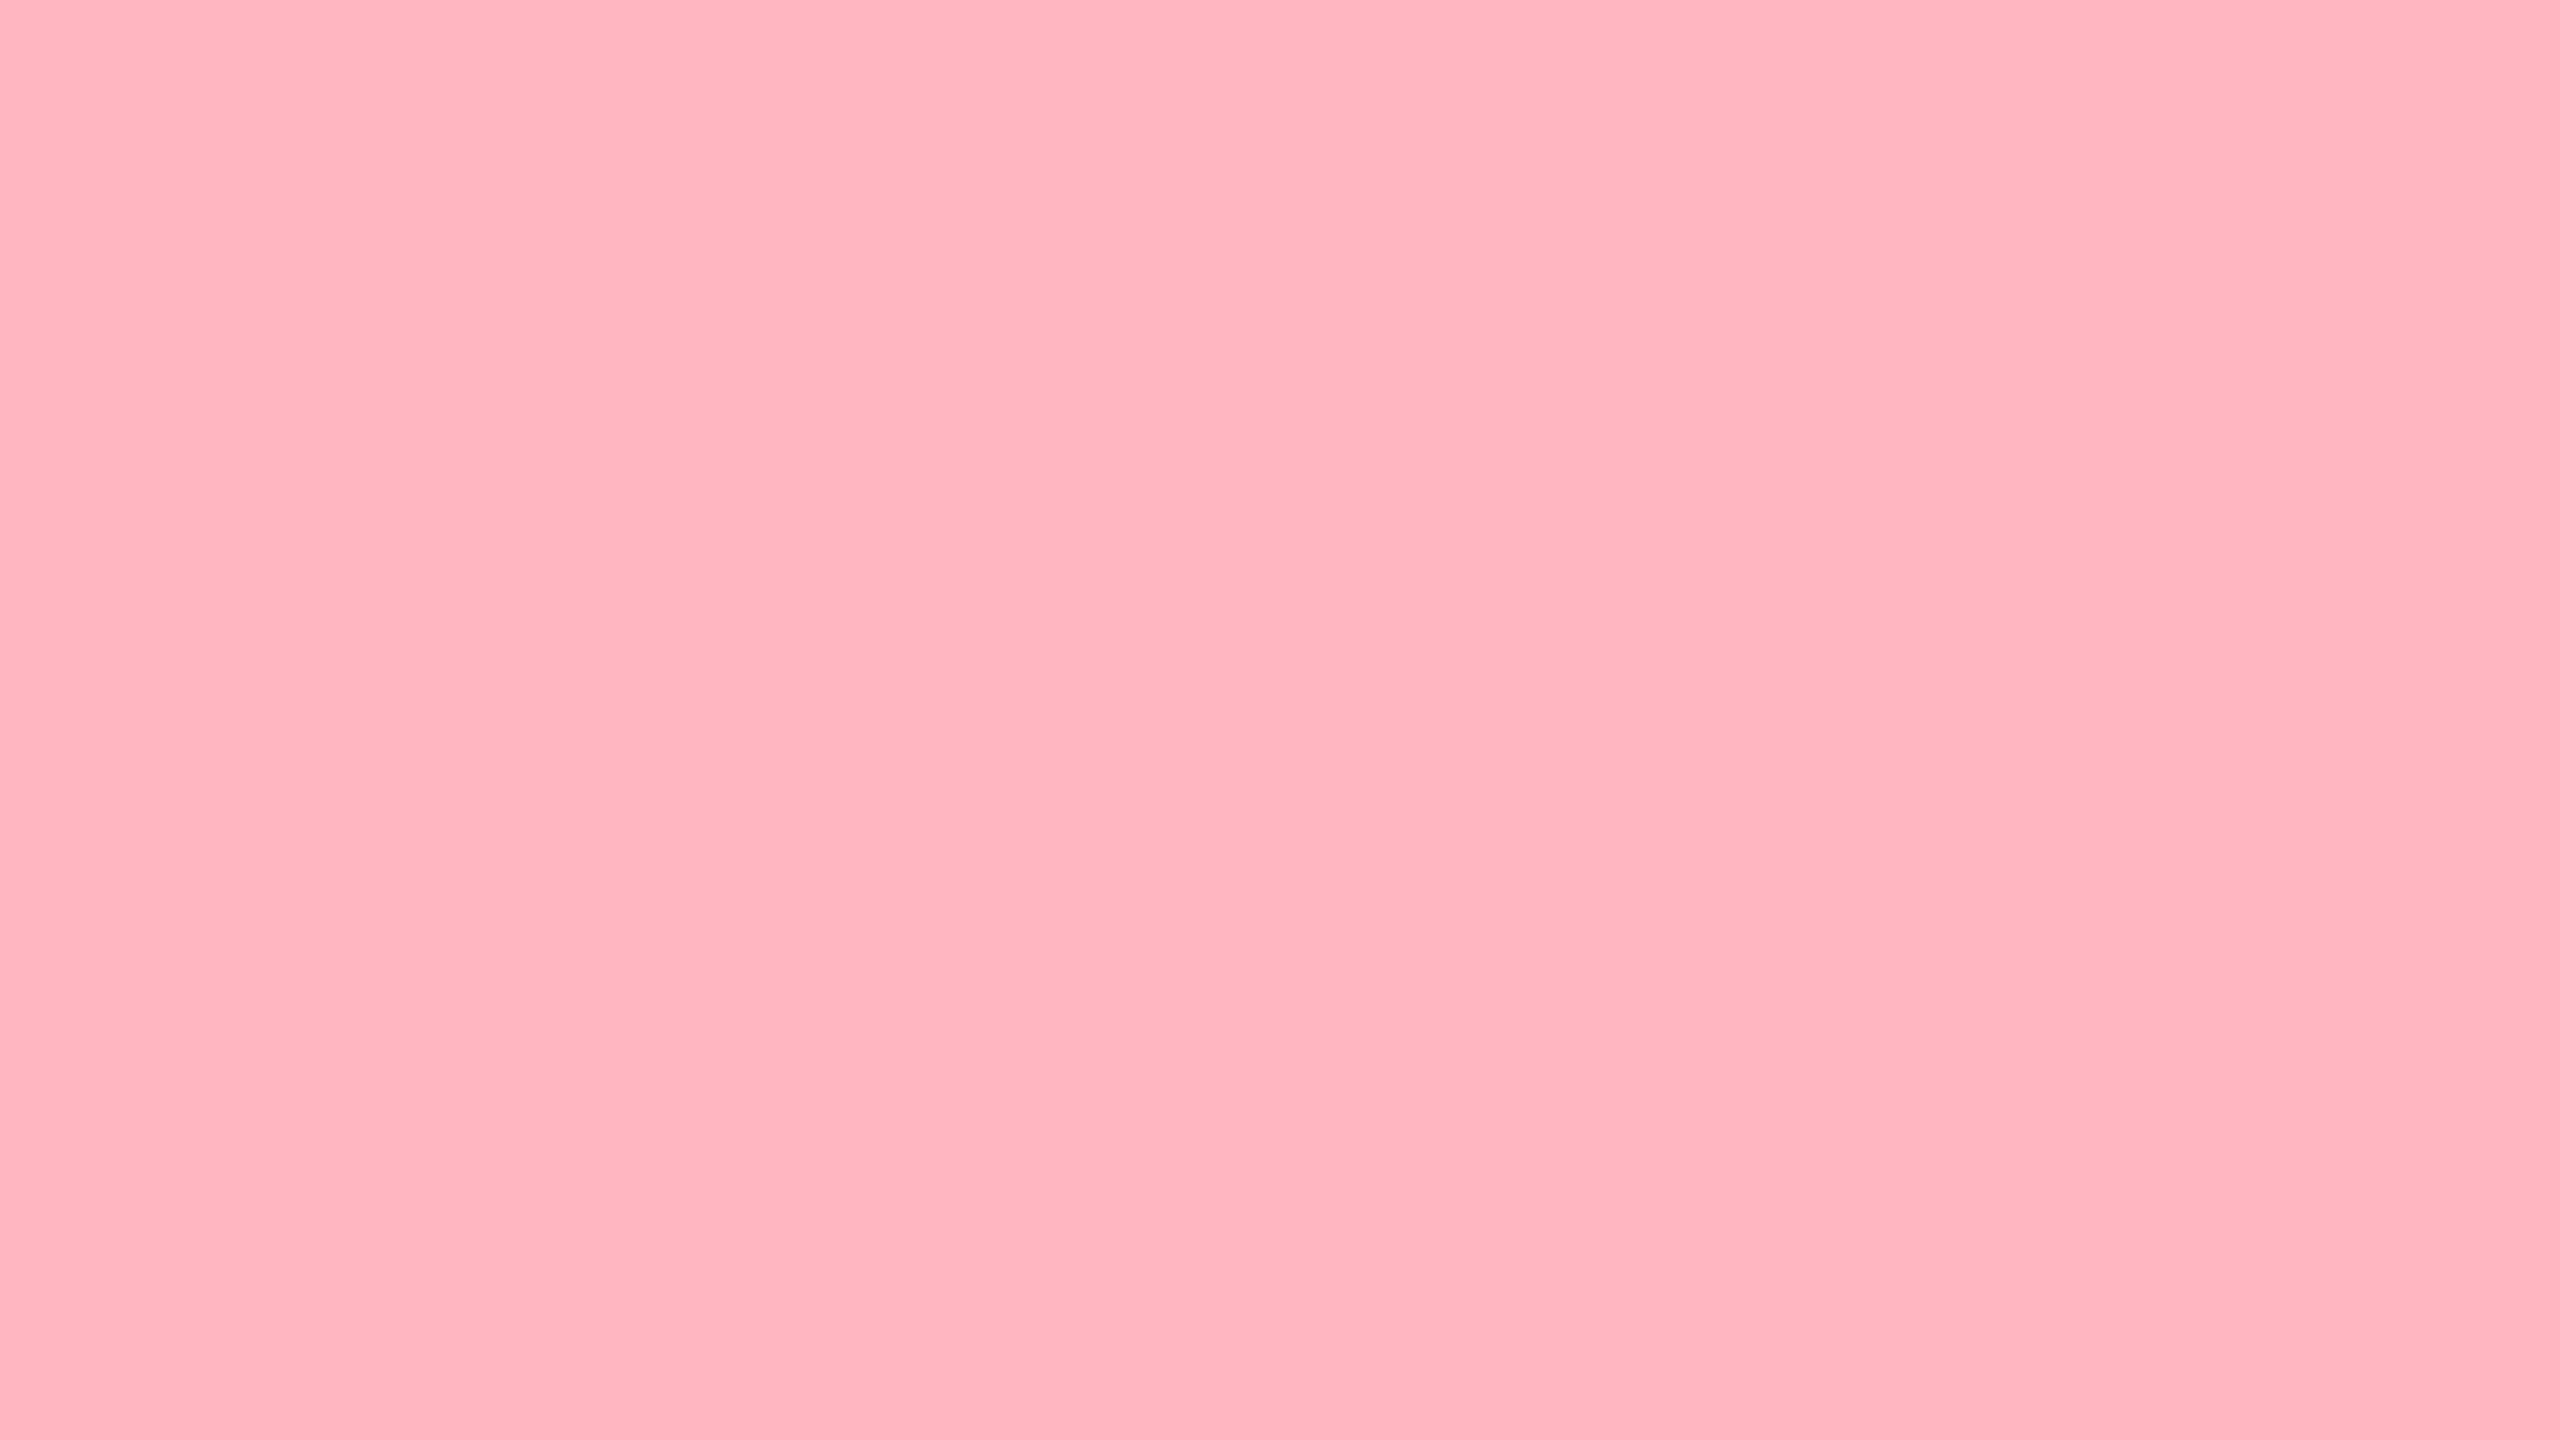 Hd wallpaper pinterest - Best Ideas About Pink Wallpaper On Pinterest Pink Wallpaper